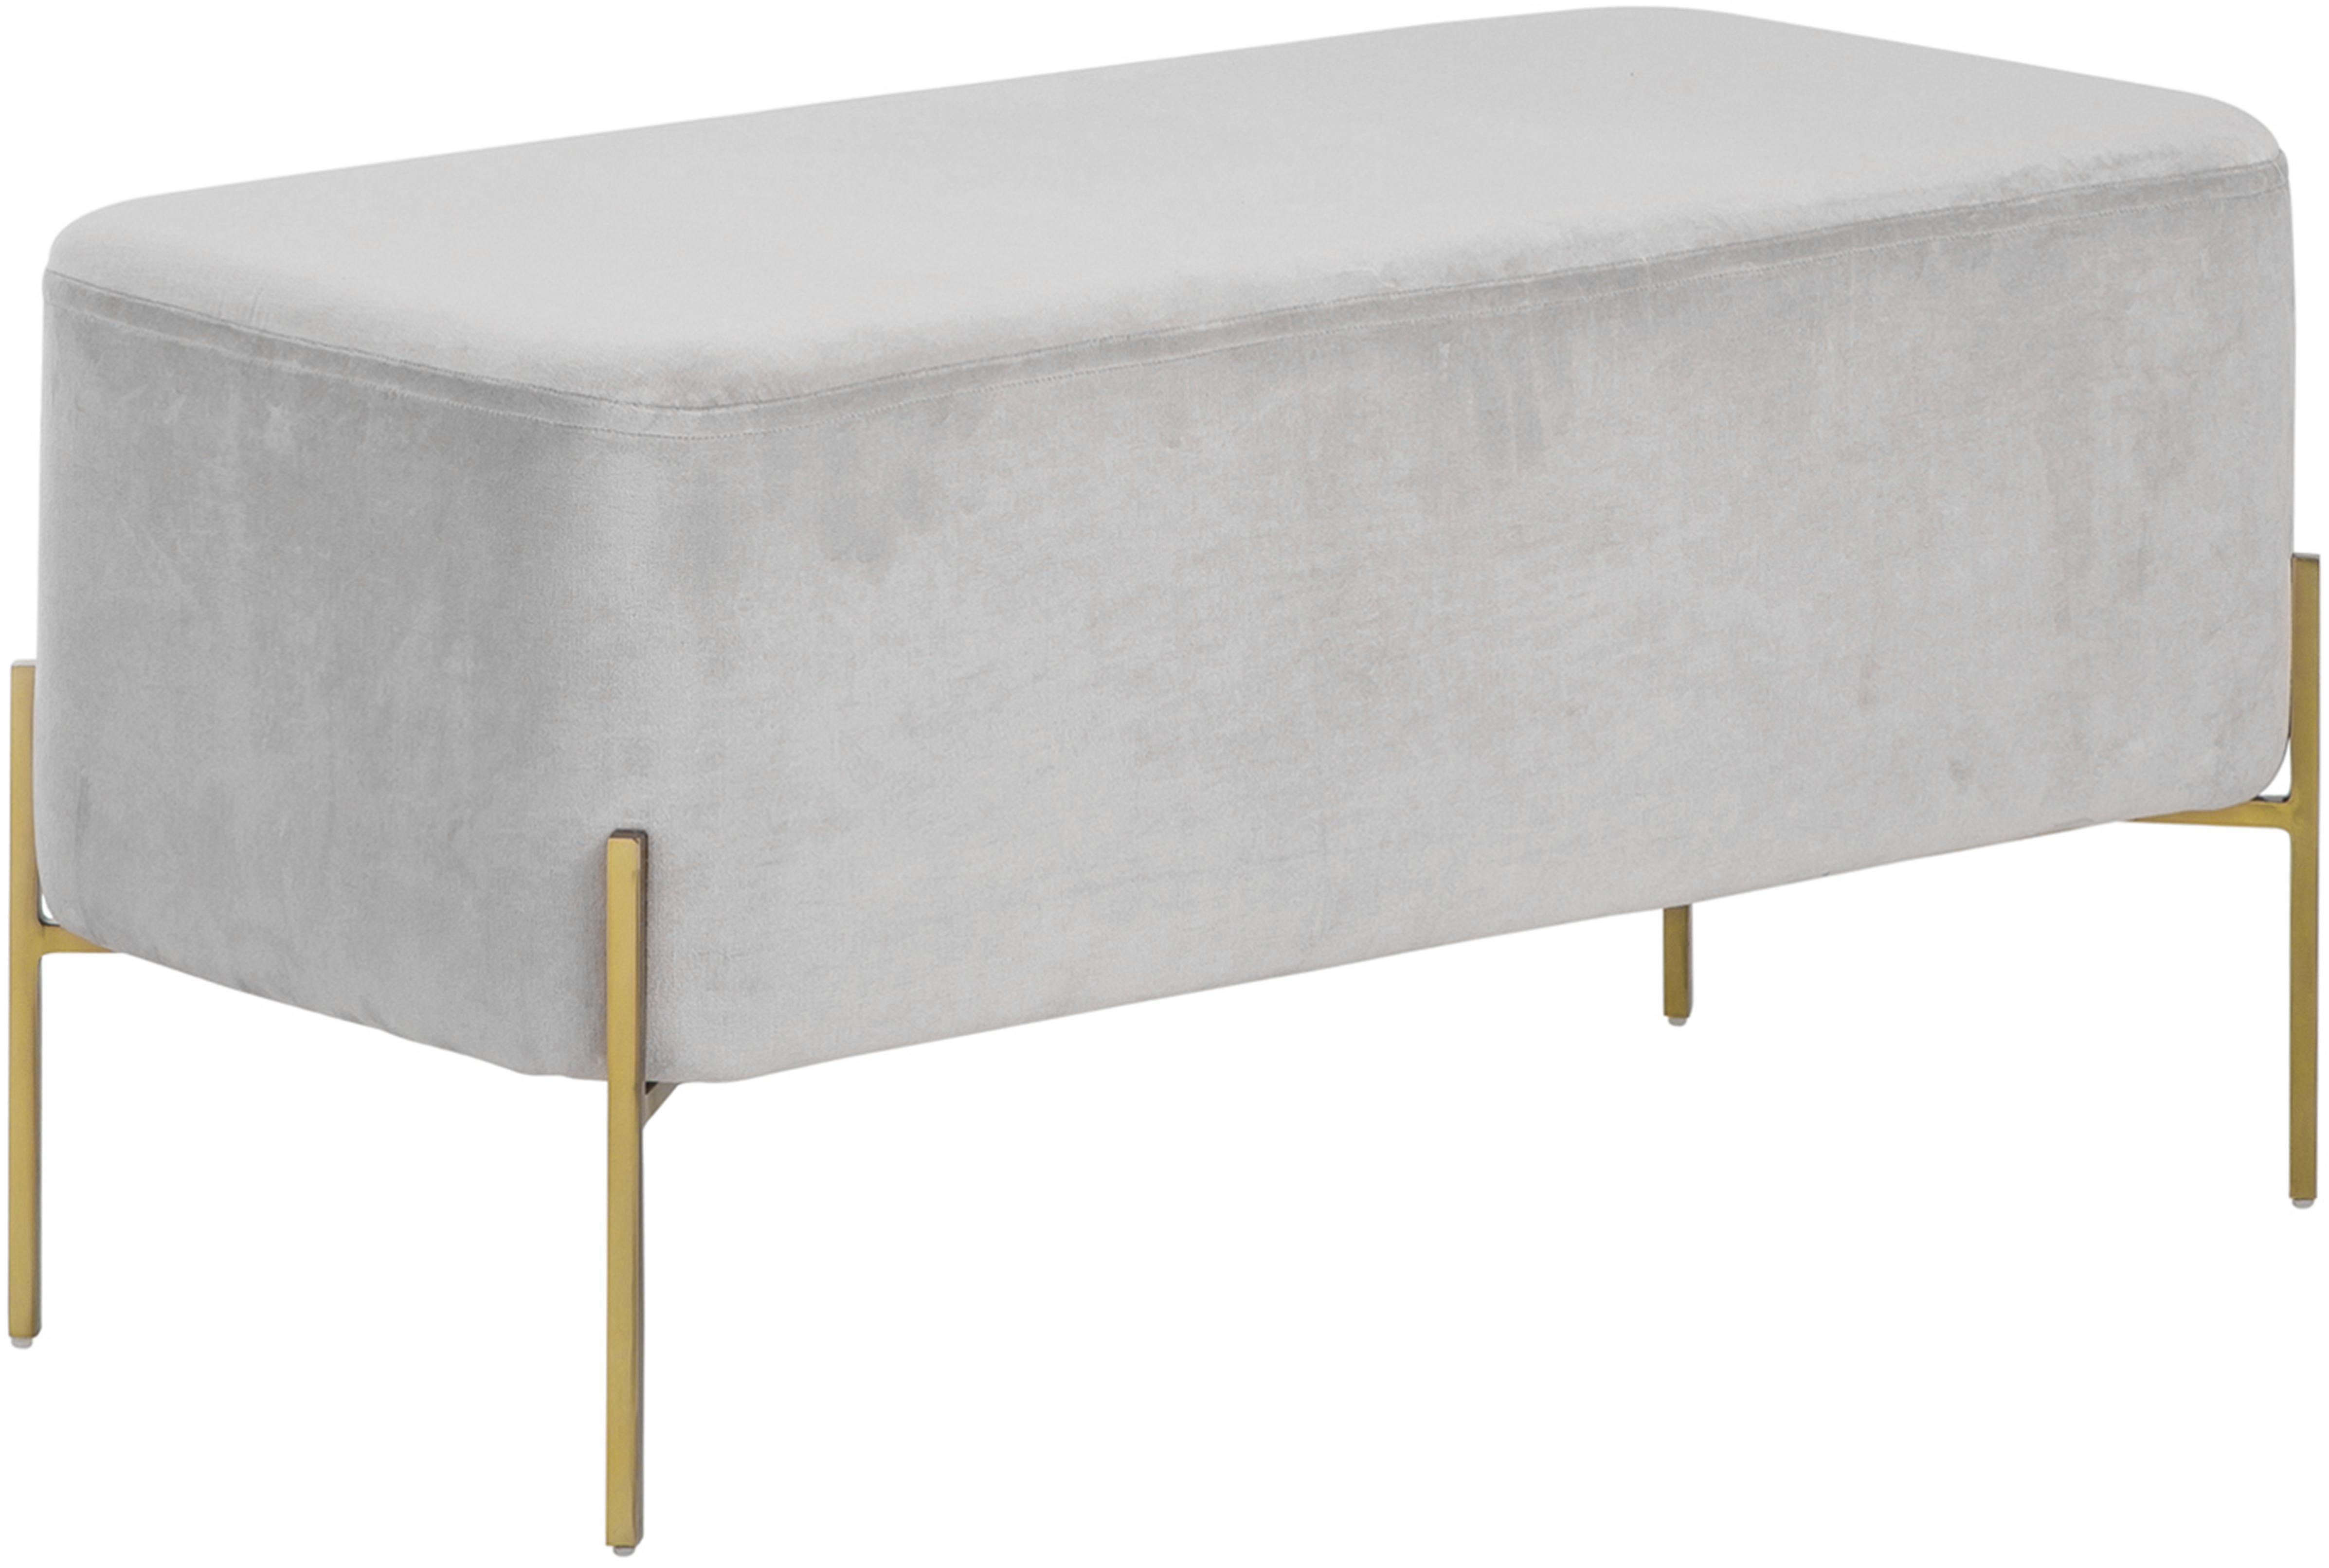 Banco de terciopelo Harper, Tapizado: terciopelo de algodón, Gris claro, dorado, An 90 x Al 44 cm